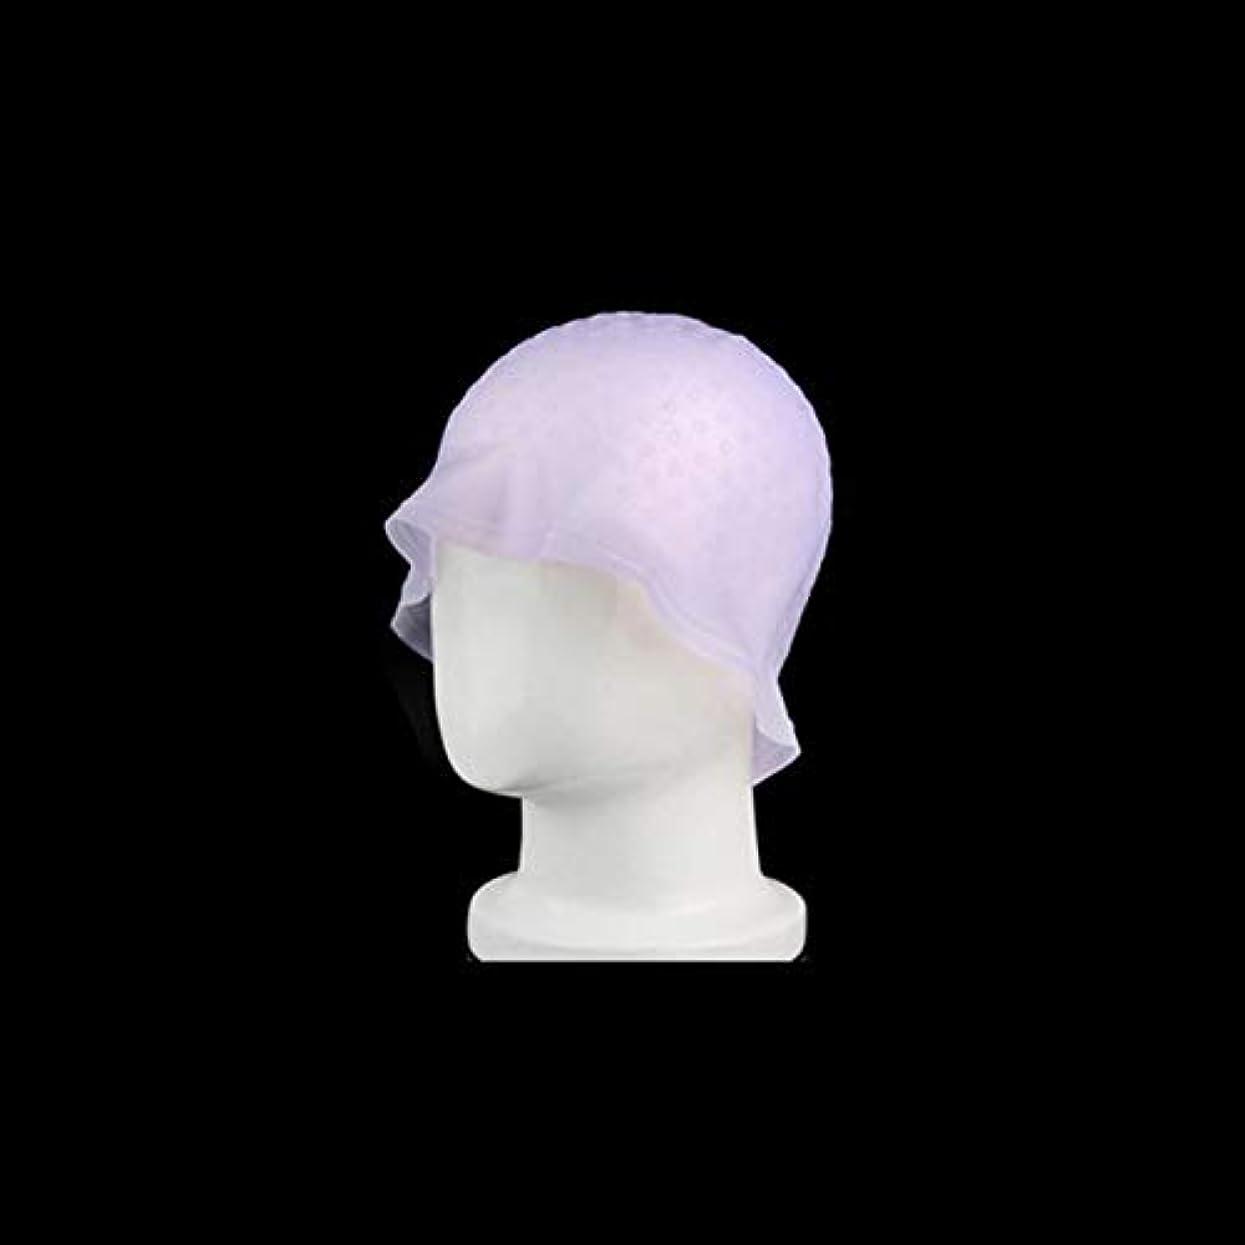 一定食物暴露DOMO カラーダイキャップ 染毛キャップ エコ サロン ヘア染めツール 再利用可能 染色用 ハイライト 髪染め工具